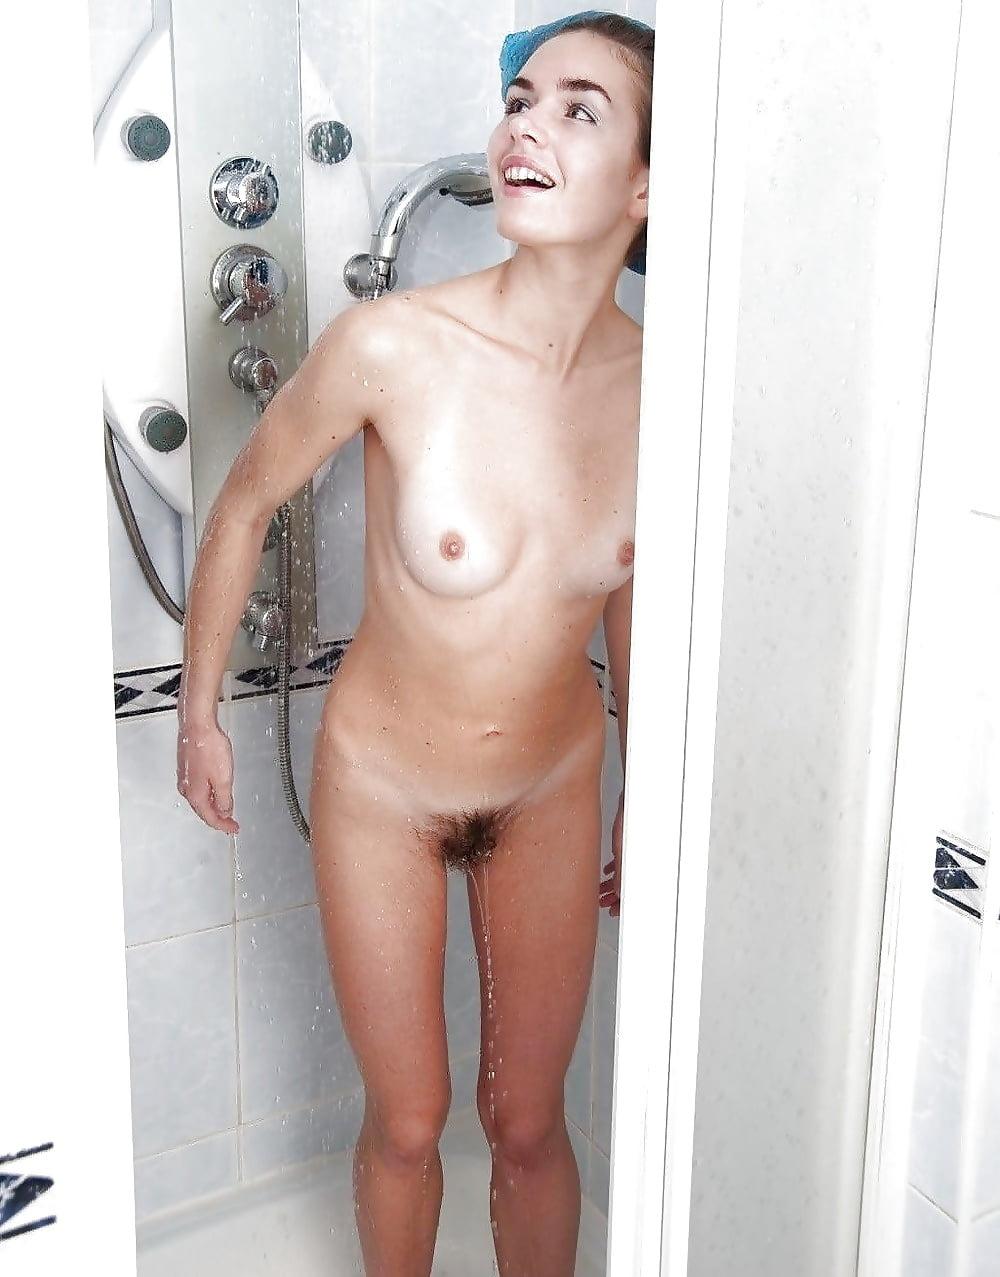 Hot girls caught naked in shower